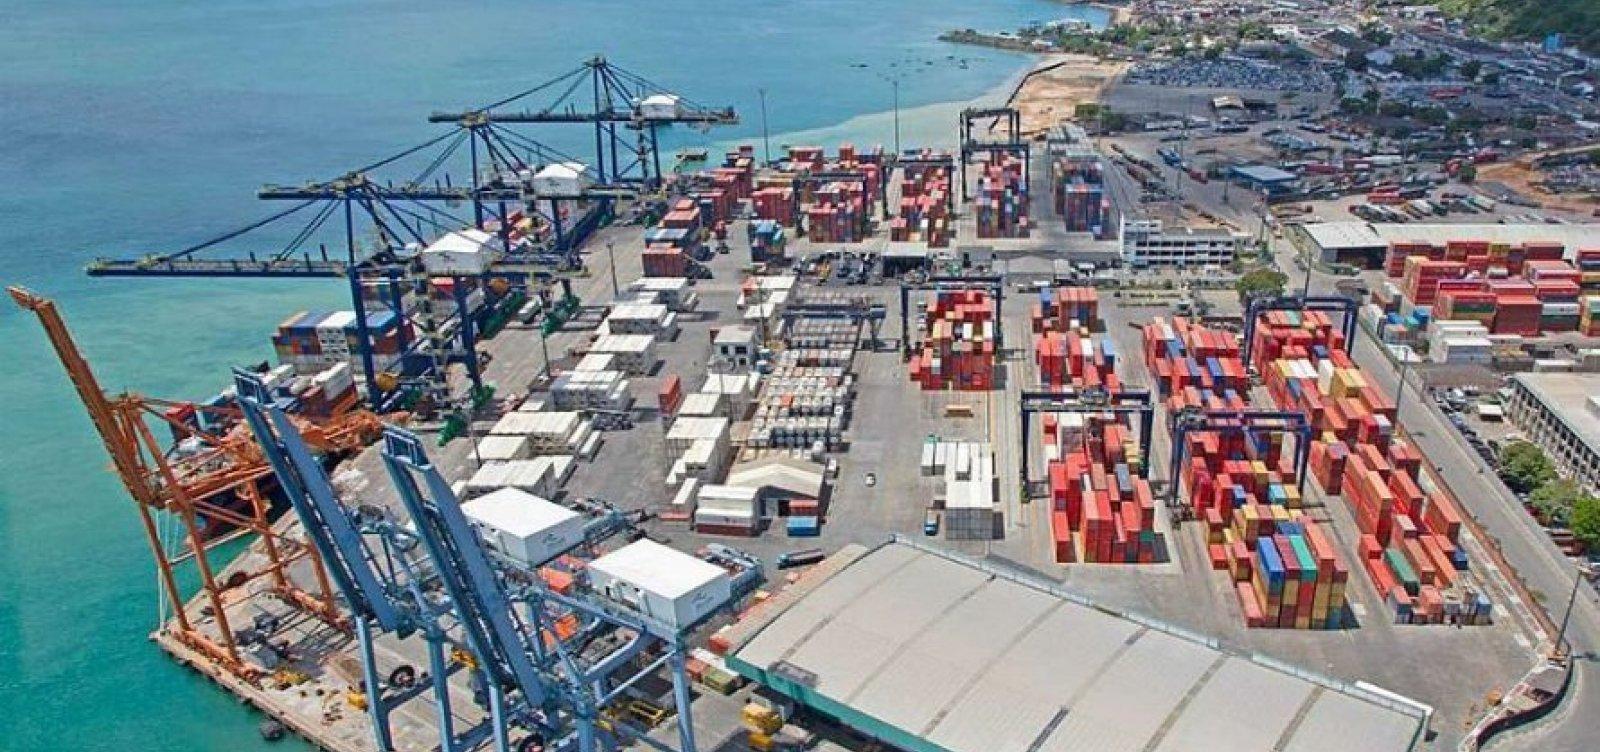 Justiça Federal determina suspensão de expansão do Porto de Salvador